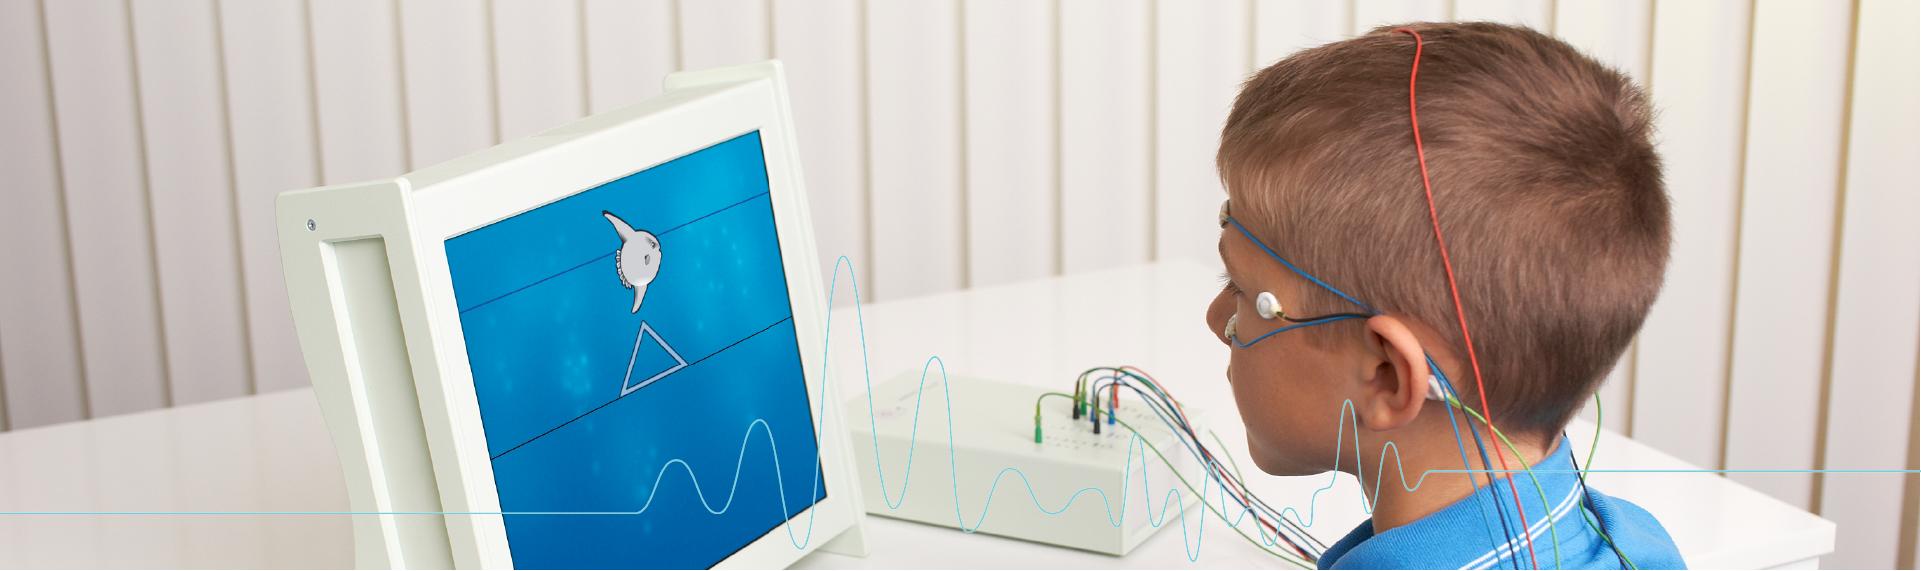 Clinics Neurofeedback for ADHD